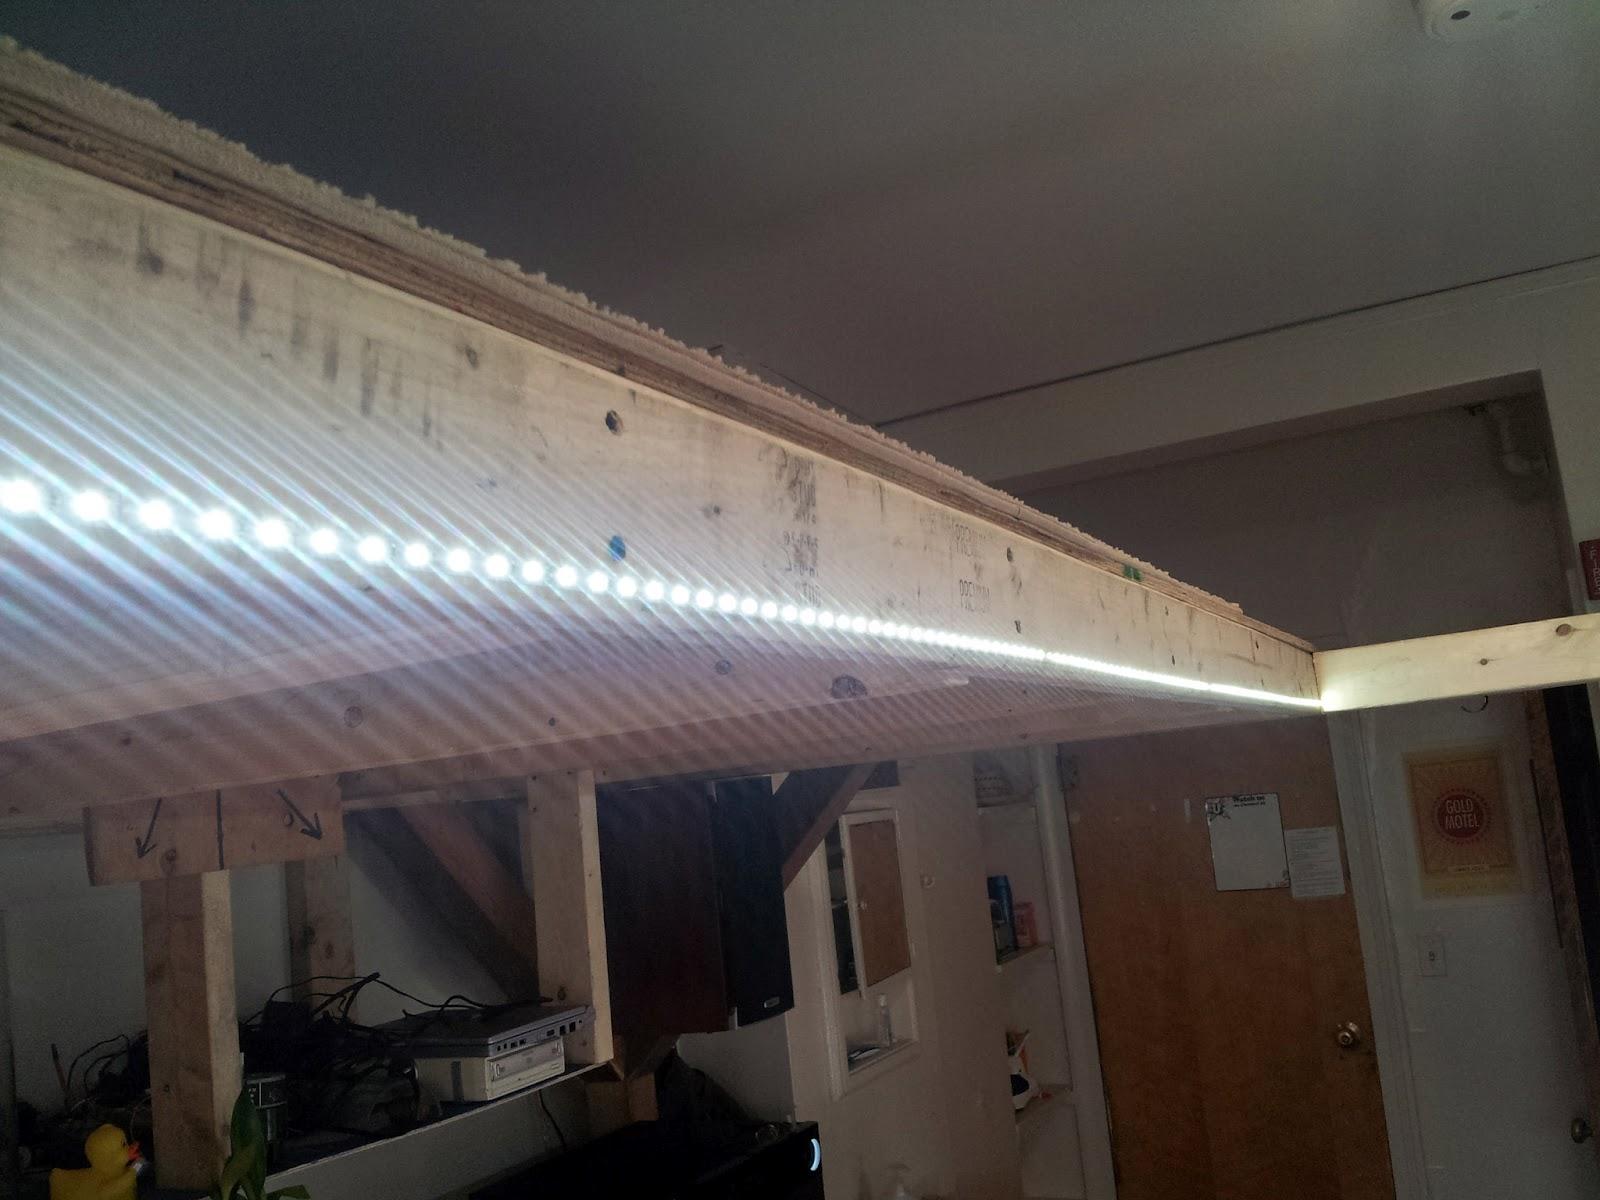 Led Strip Keuken : Decoreren met led strip verlichting keukens met energy efficient